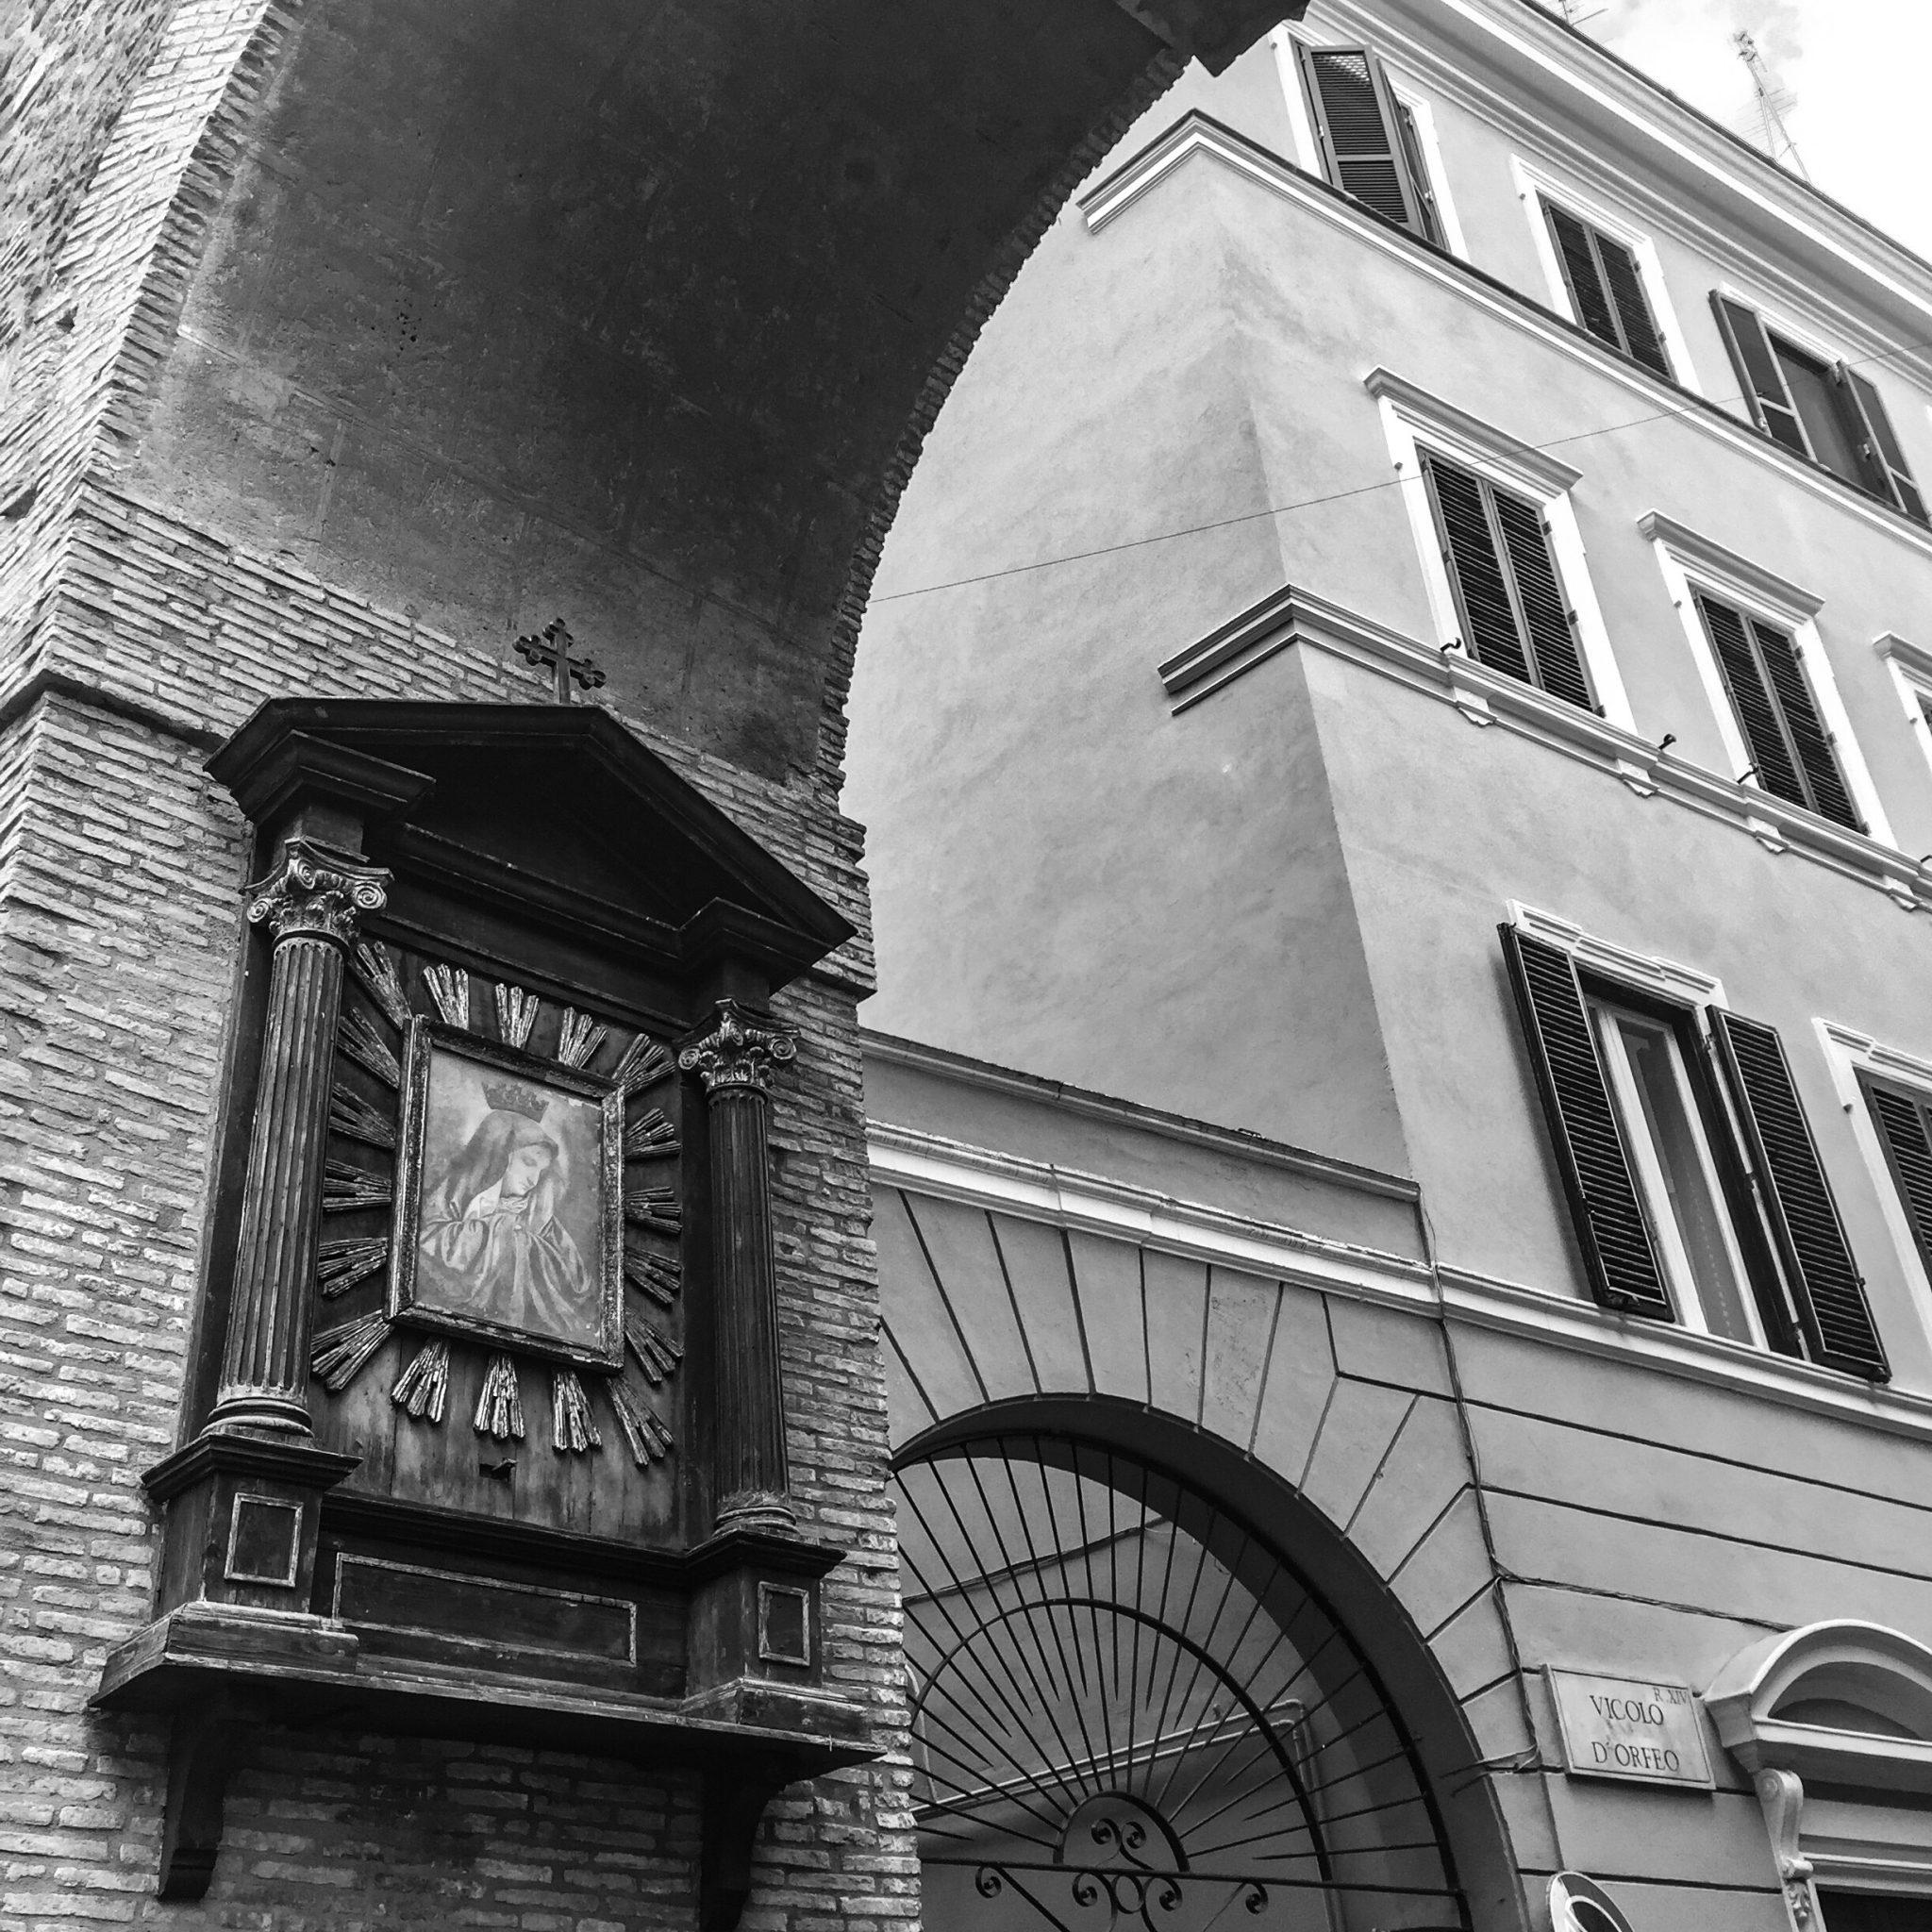 Borgo Pio, Roma: Ein Madonnenbild auf meinem Weg zur Arbeit